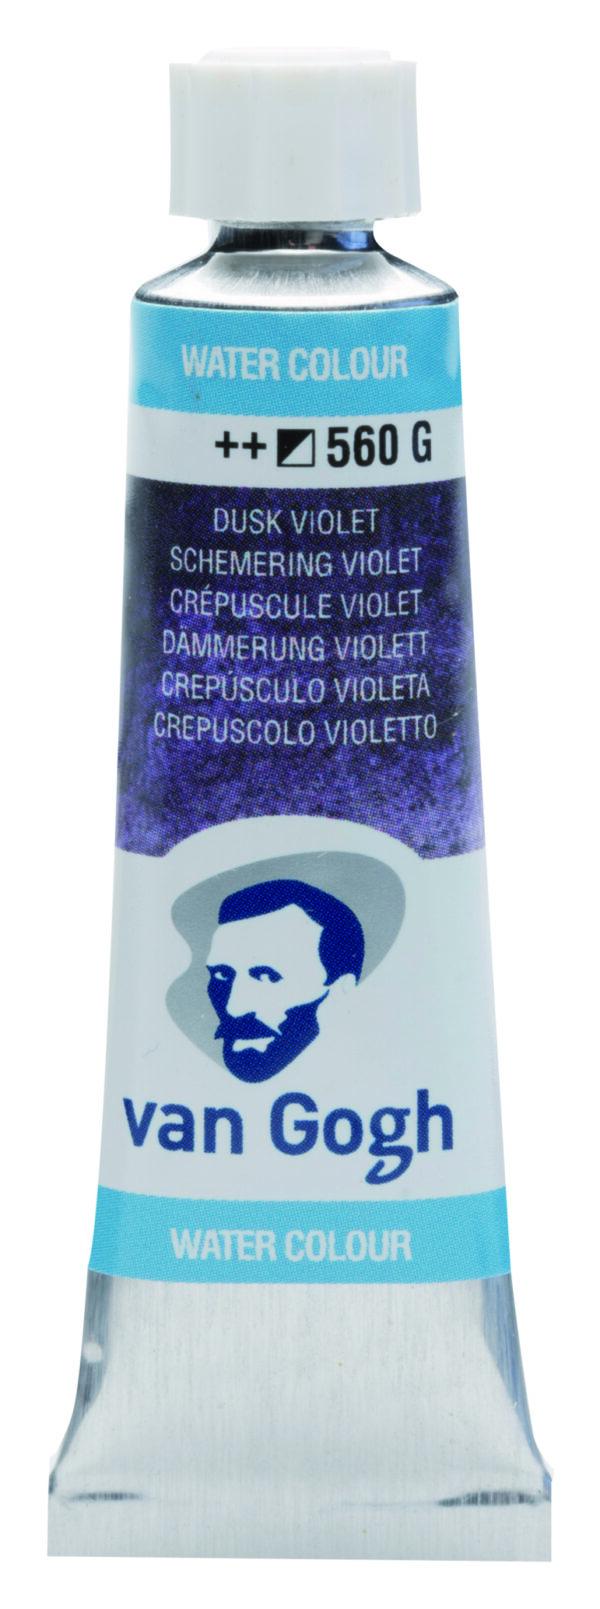 Van Gogh 560 Dusk Violet - 10 ml